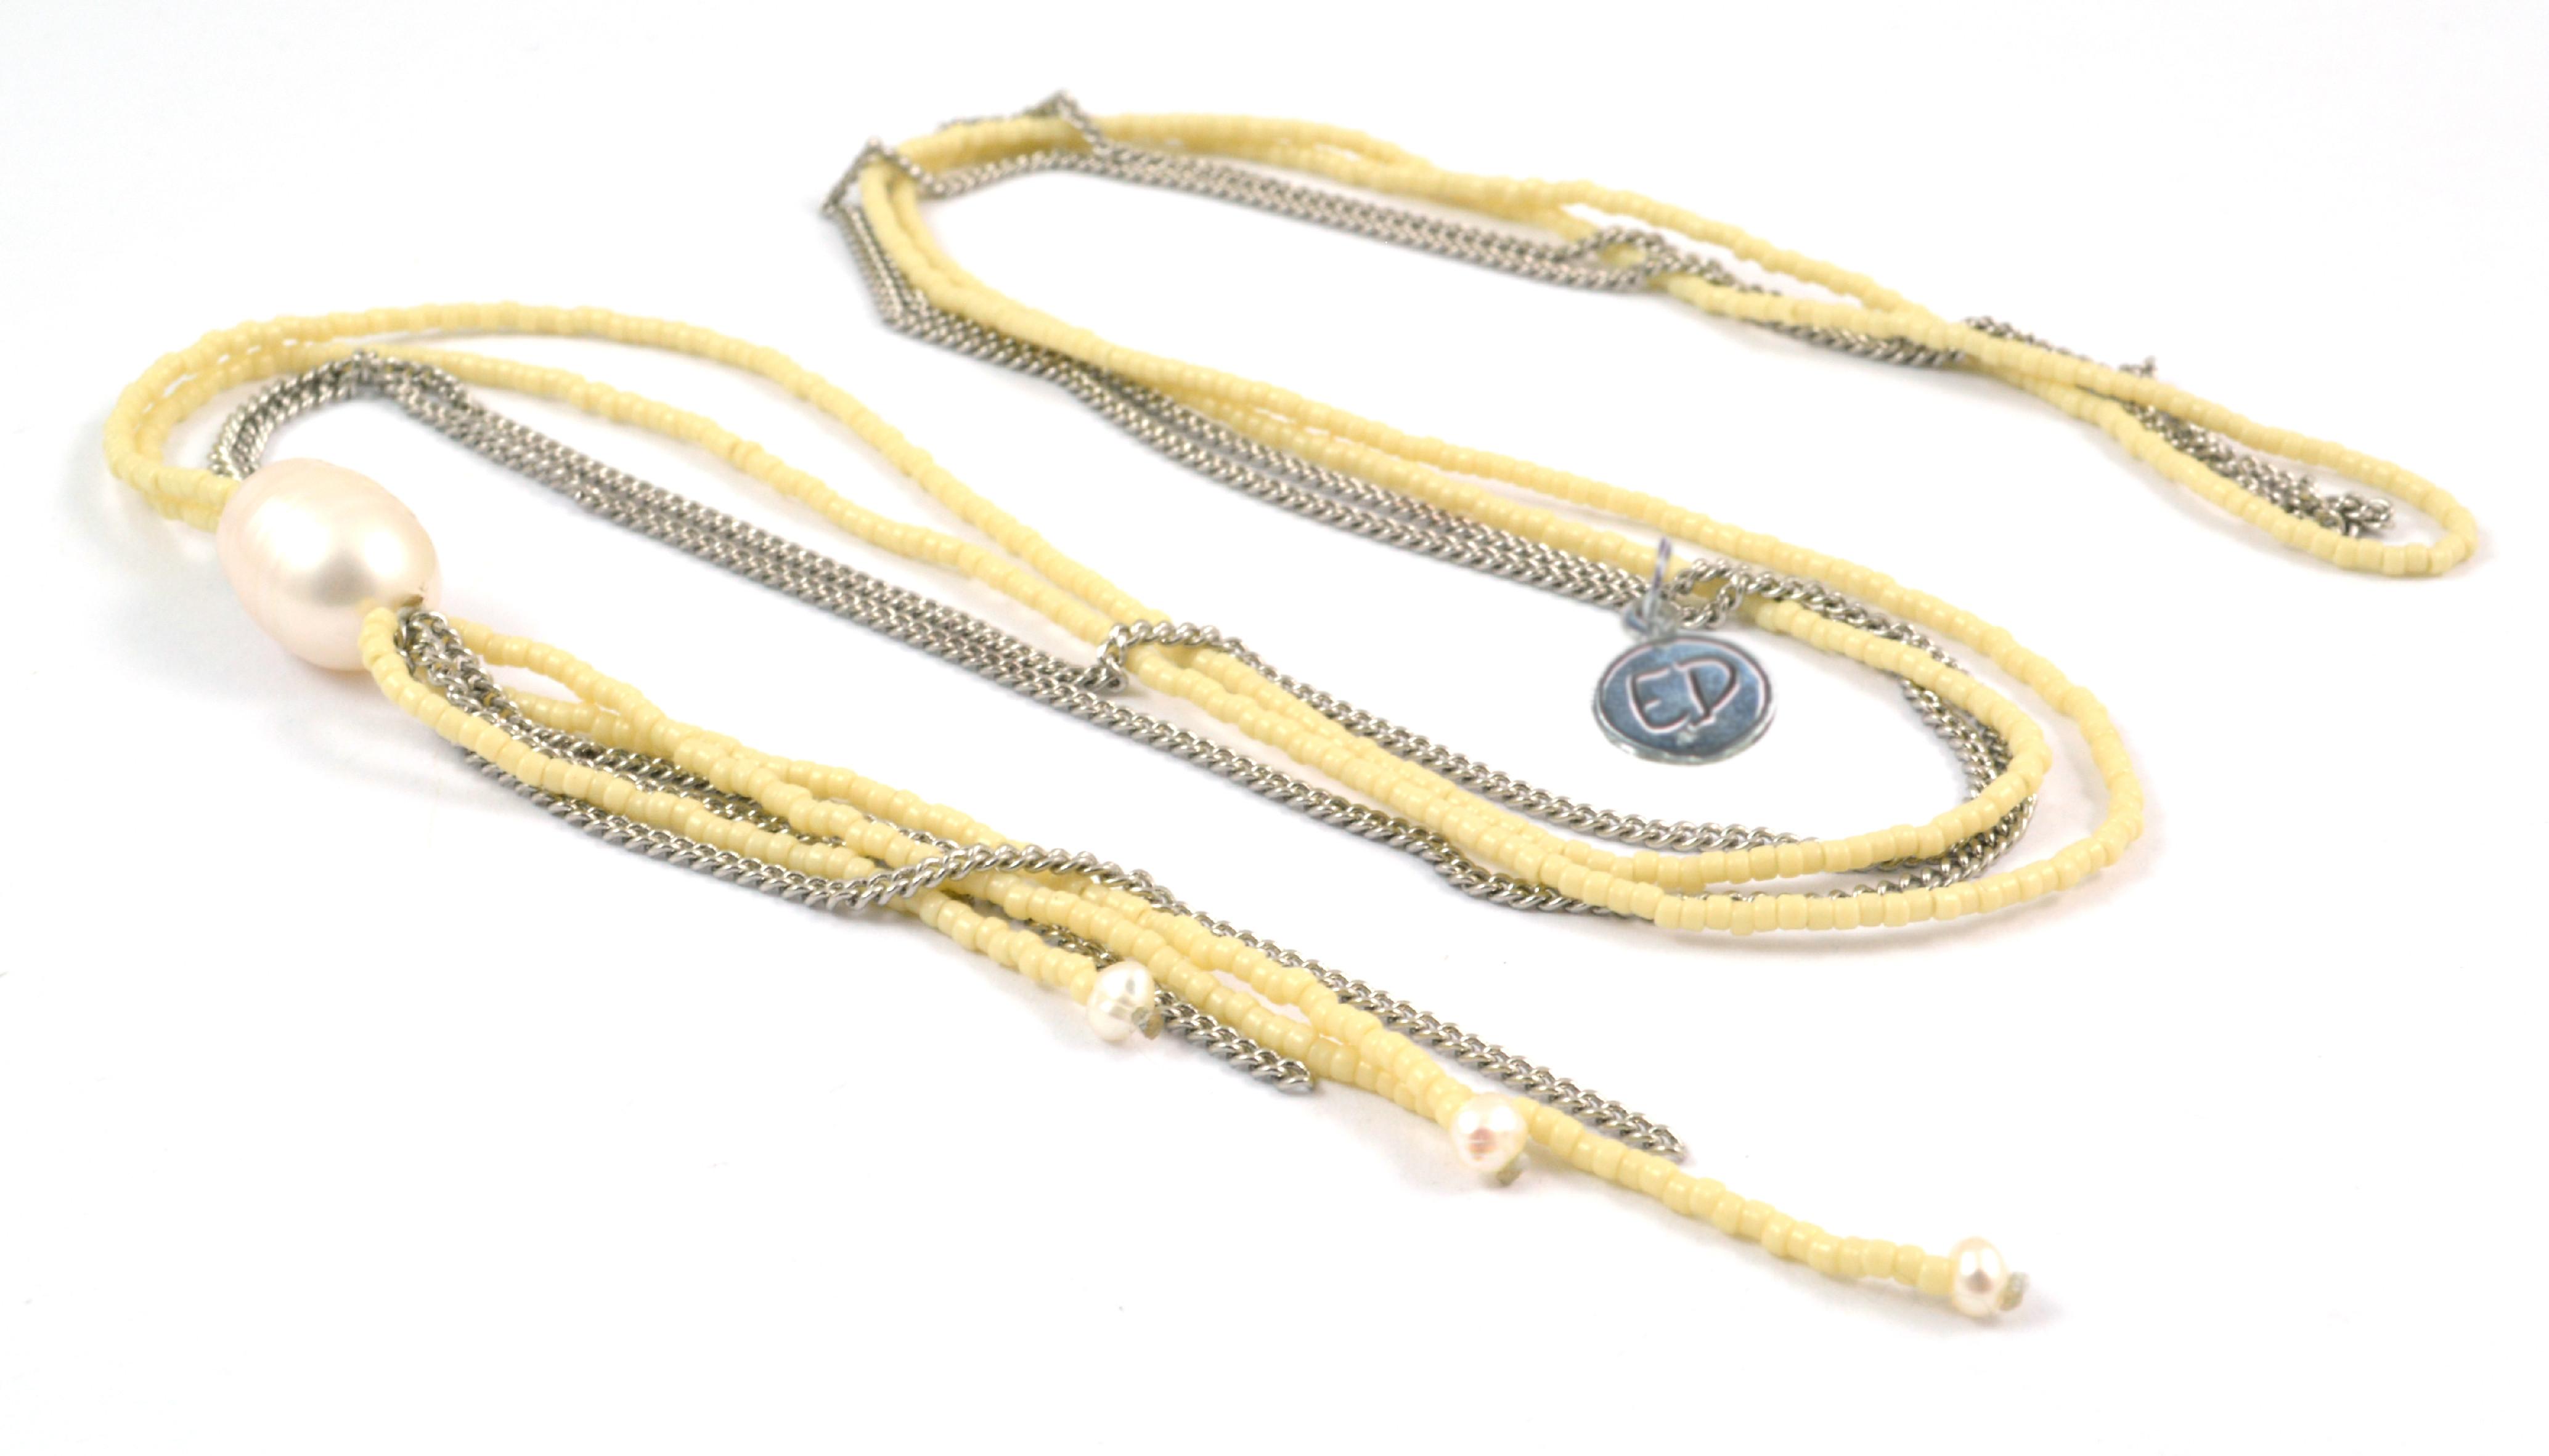 Dámsky prírodný náhrdelník z japonského rokajlu a riečnych perál - žltý